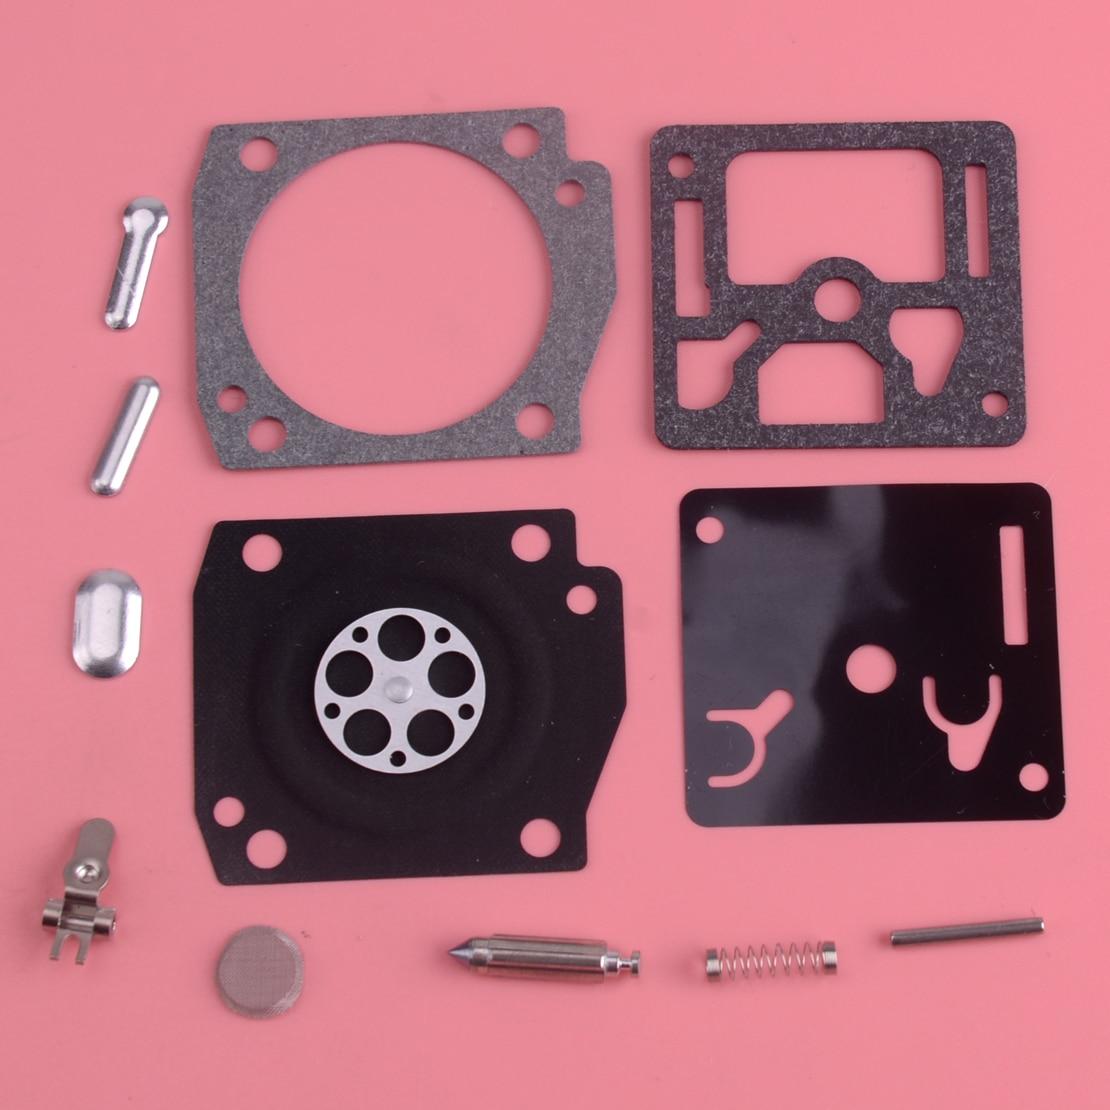 LETAOSK High Quality Carburetor Carb Kit RB-122 Fit For Husqvarna 340 345 346XP 350 353 357 359 Zama C3-EL18